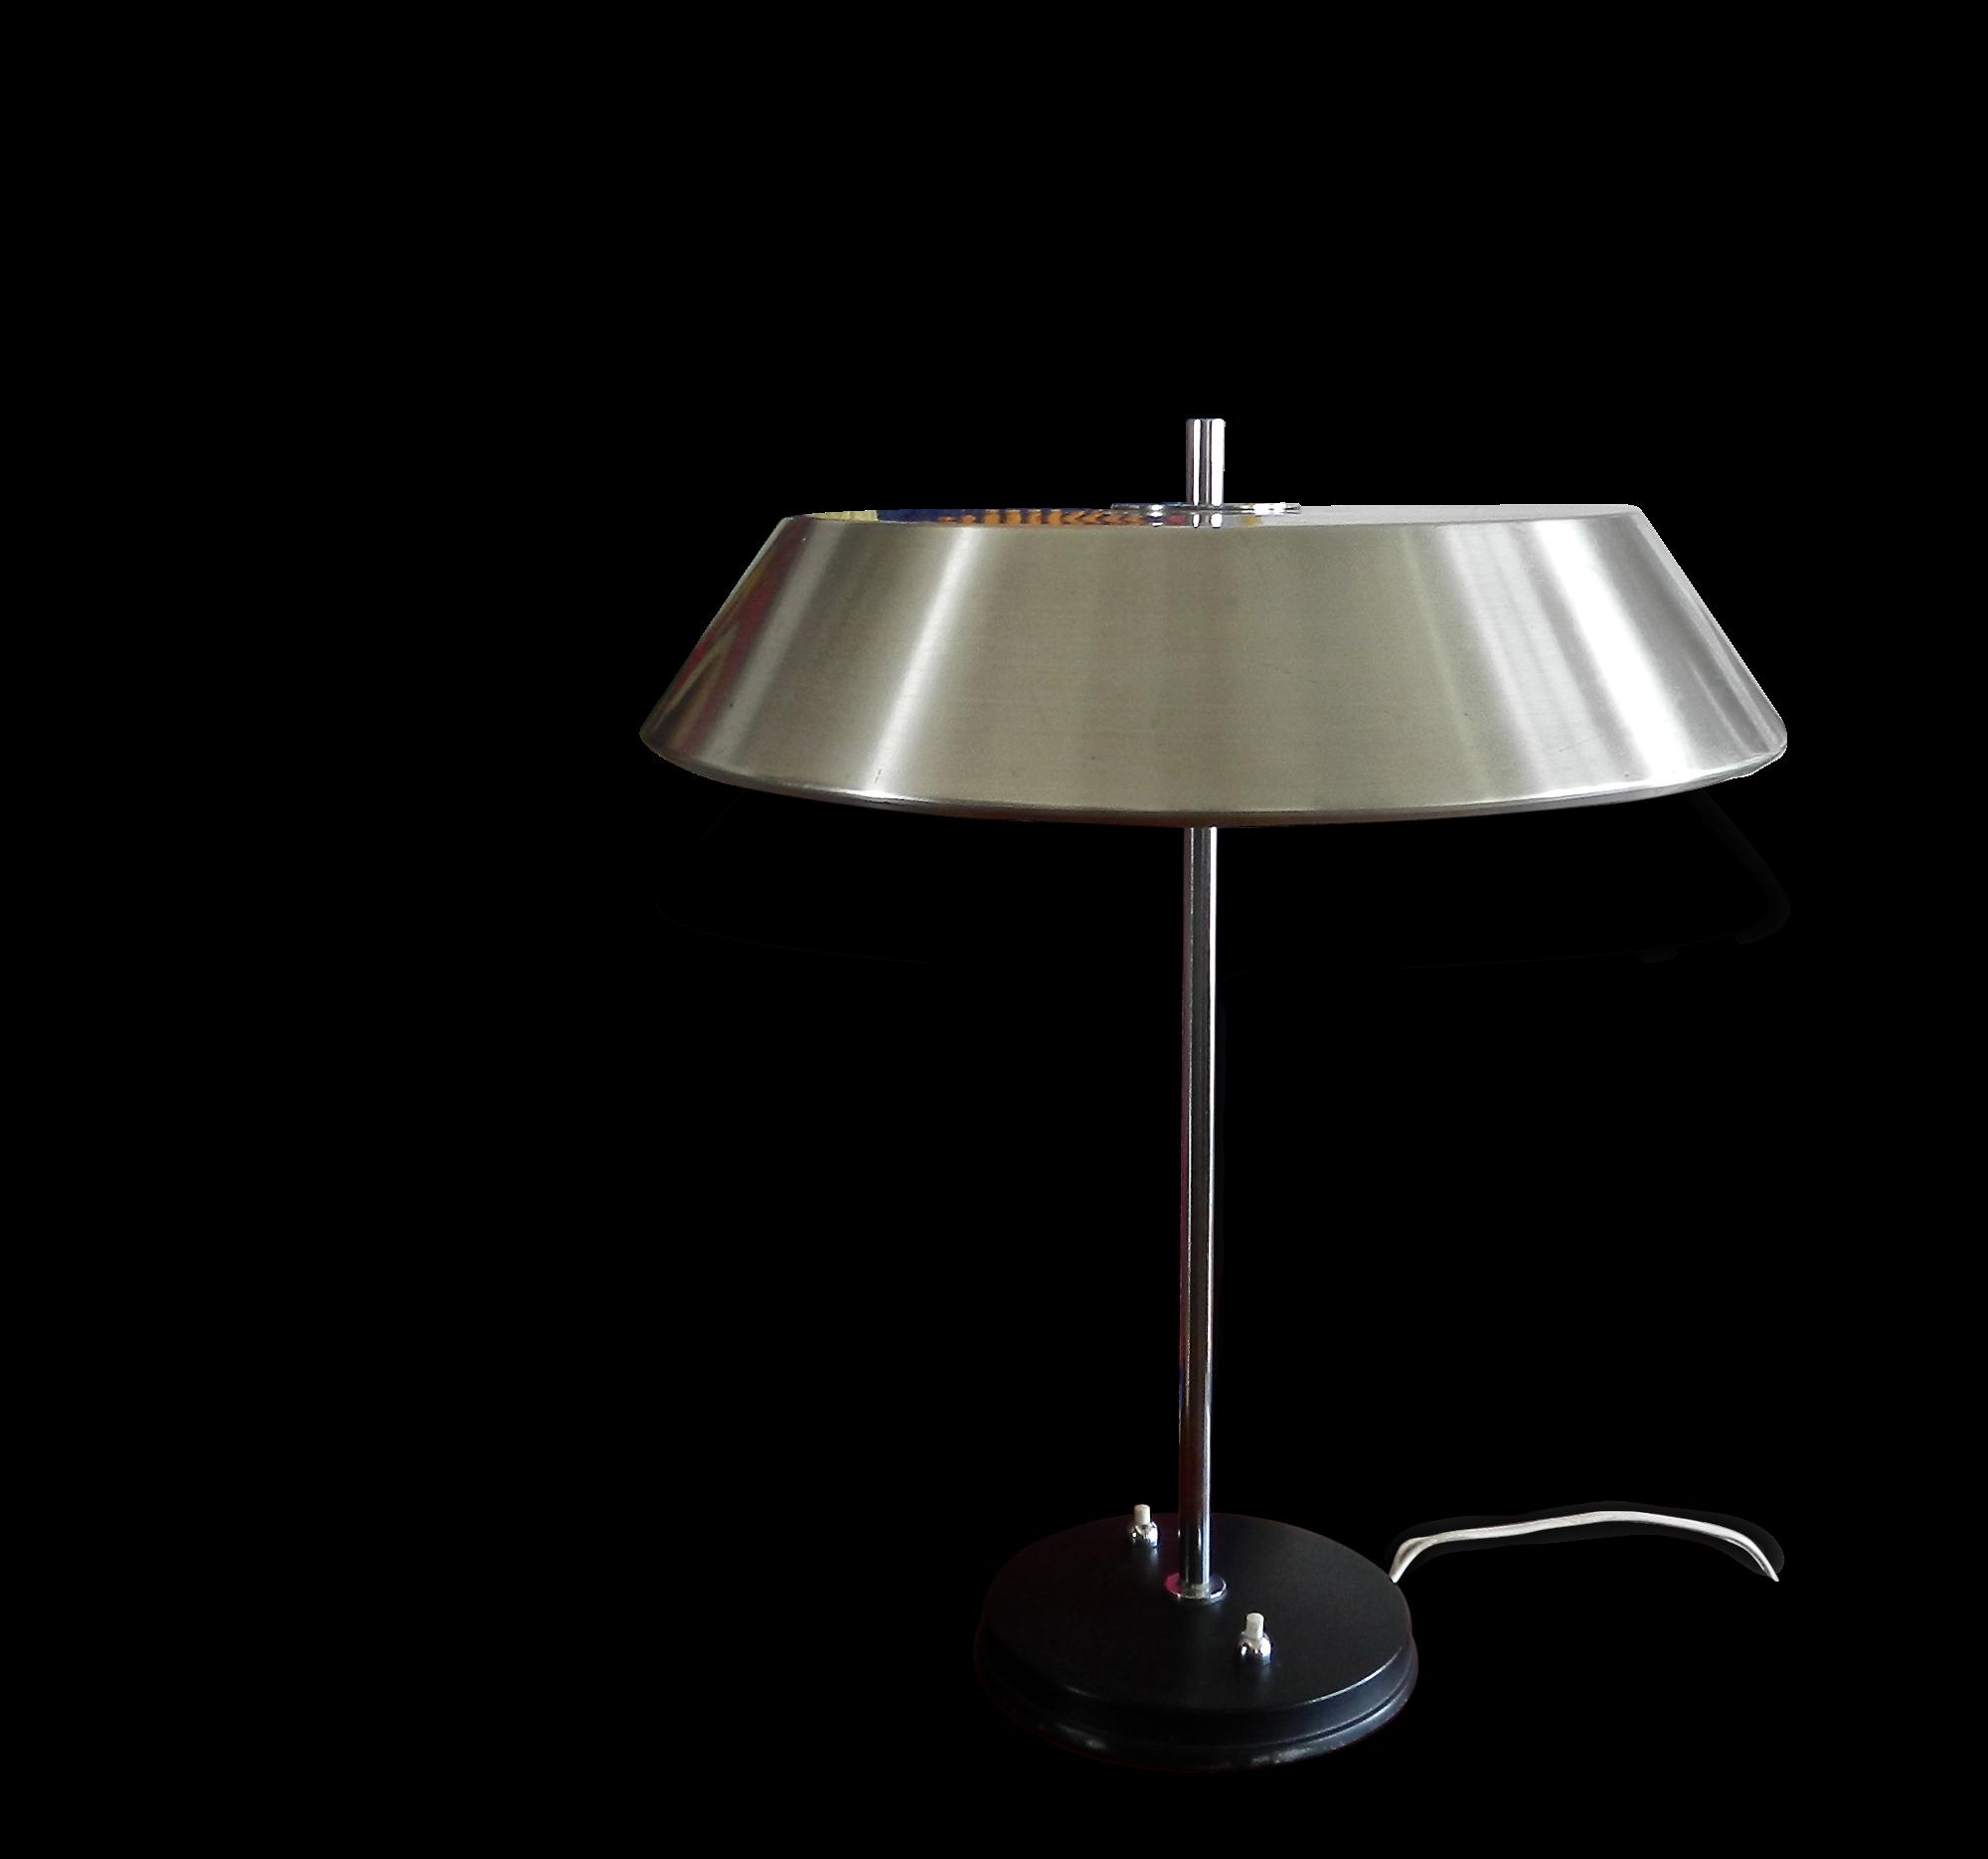 Lampe Vintage Lampe Vintage With Lampe Vintage Cheap Excellent